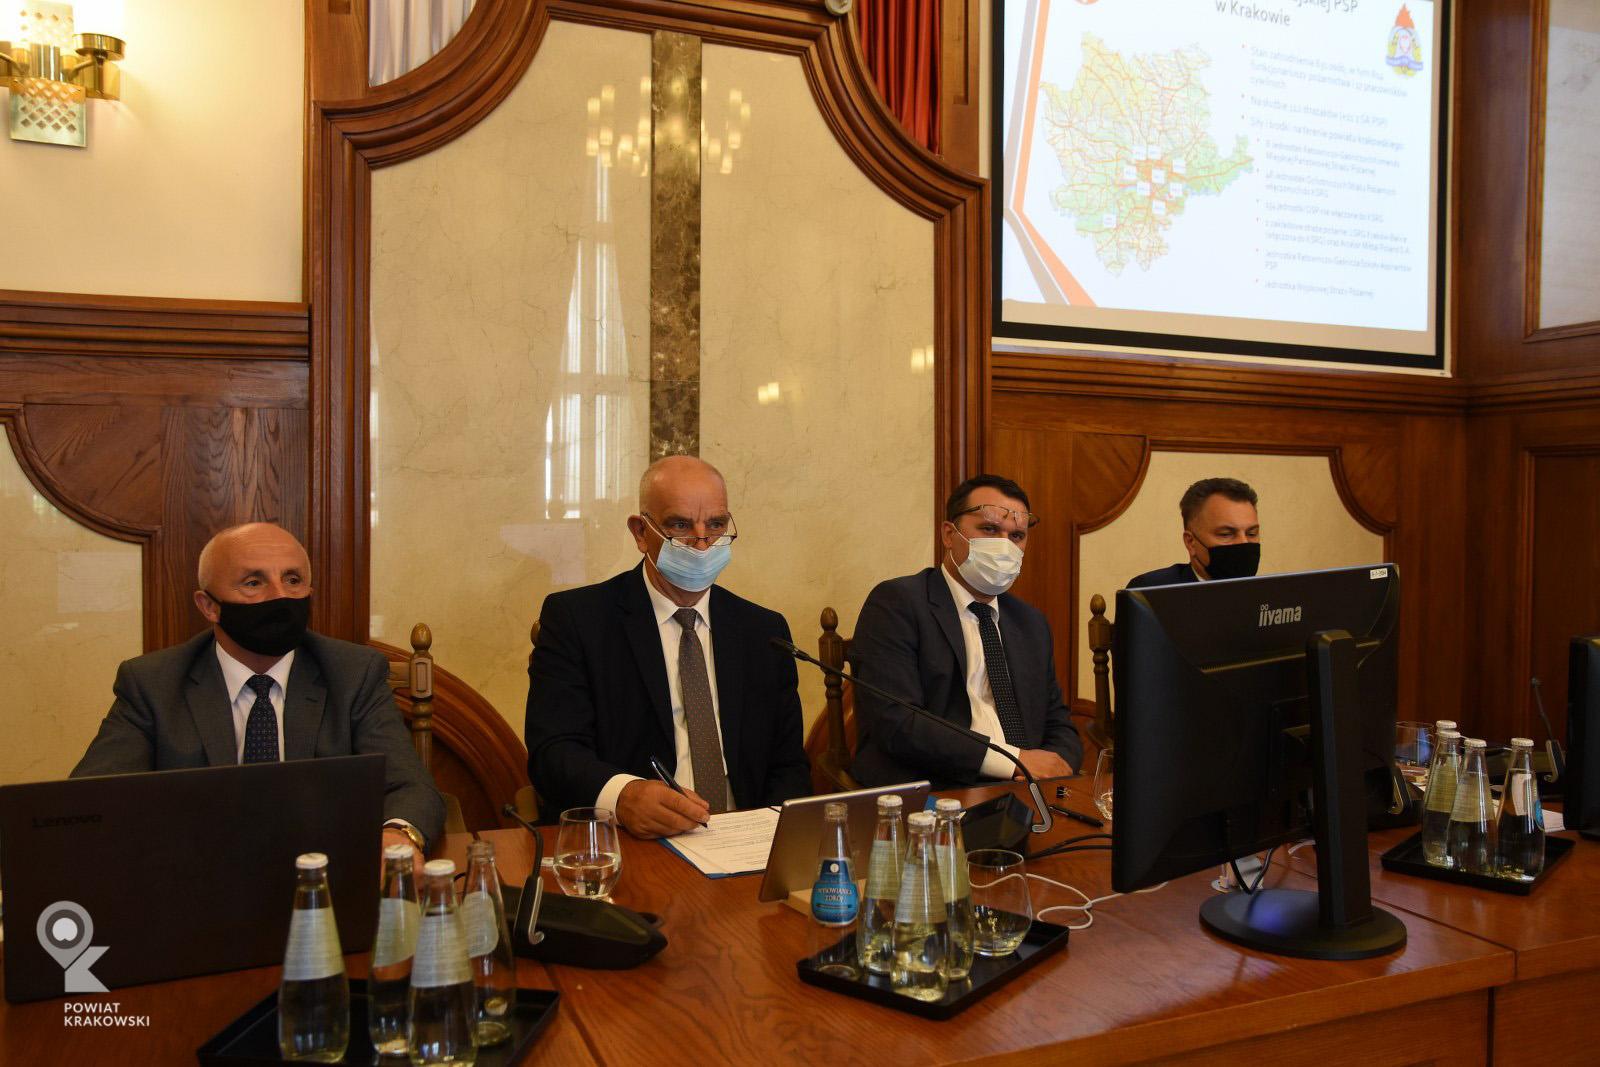 Widok stołu prezydialnego, za nim siedzą od lewej: zastępca Przewodniczącego i Przewodniczący Rady Powiatu w Krakowie, Starosta Krakowski oraz Wicestarosta